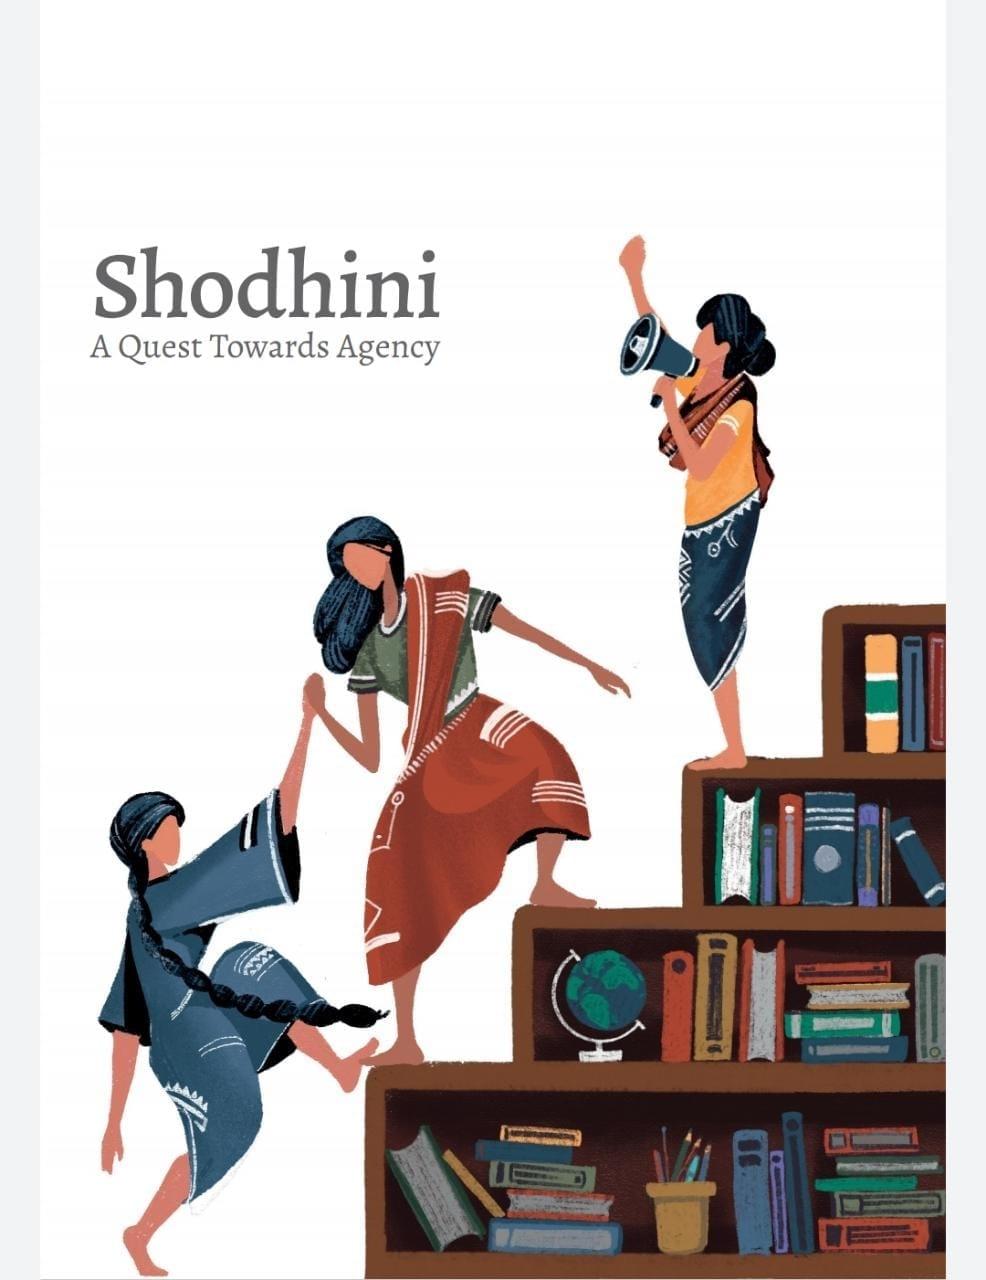 Shodhini